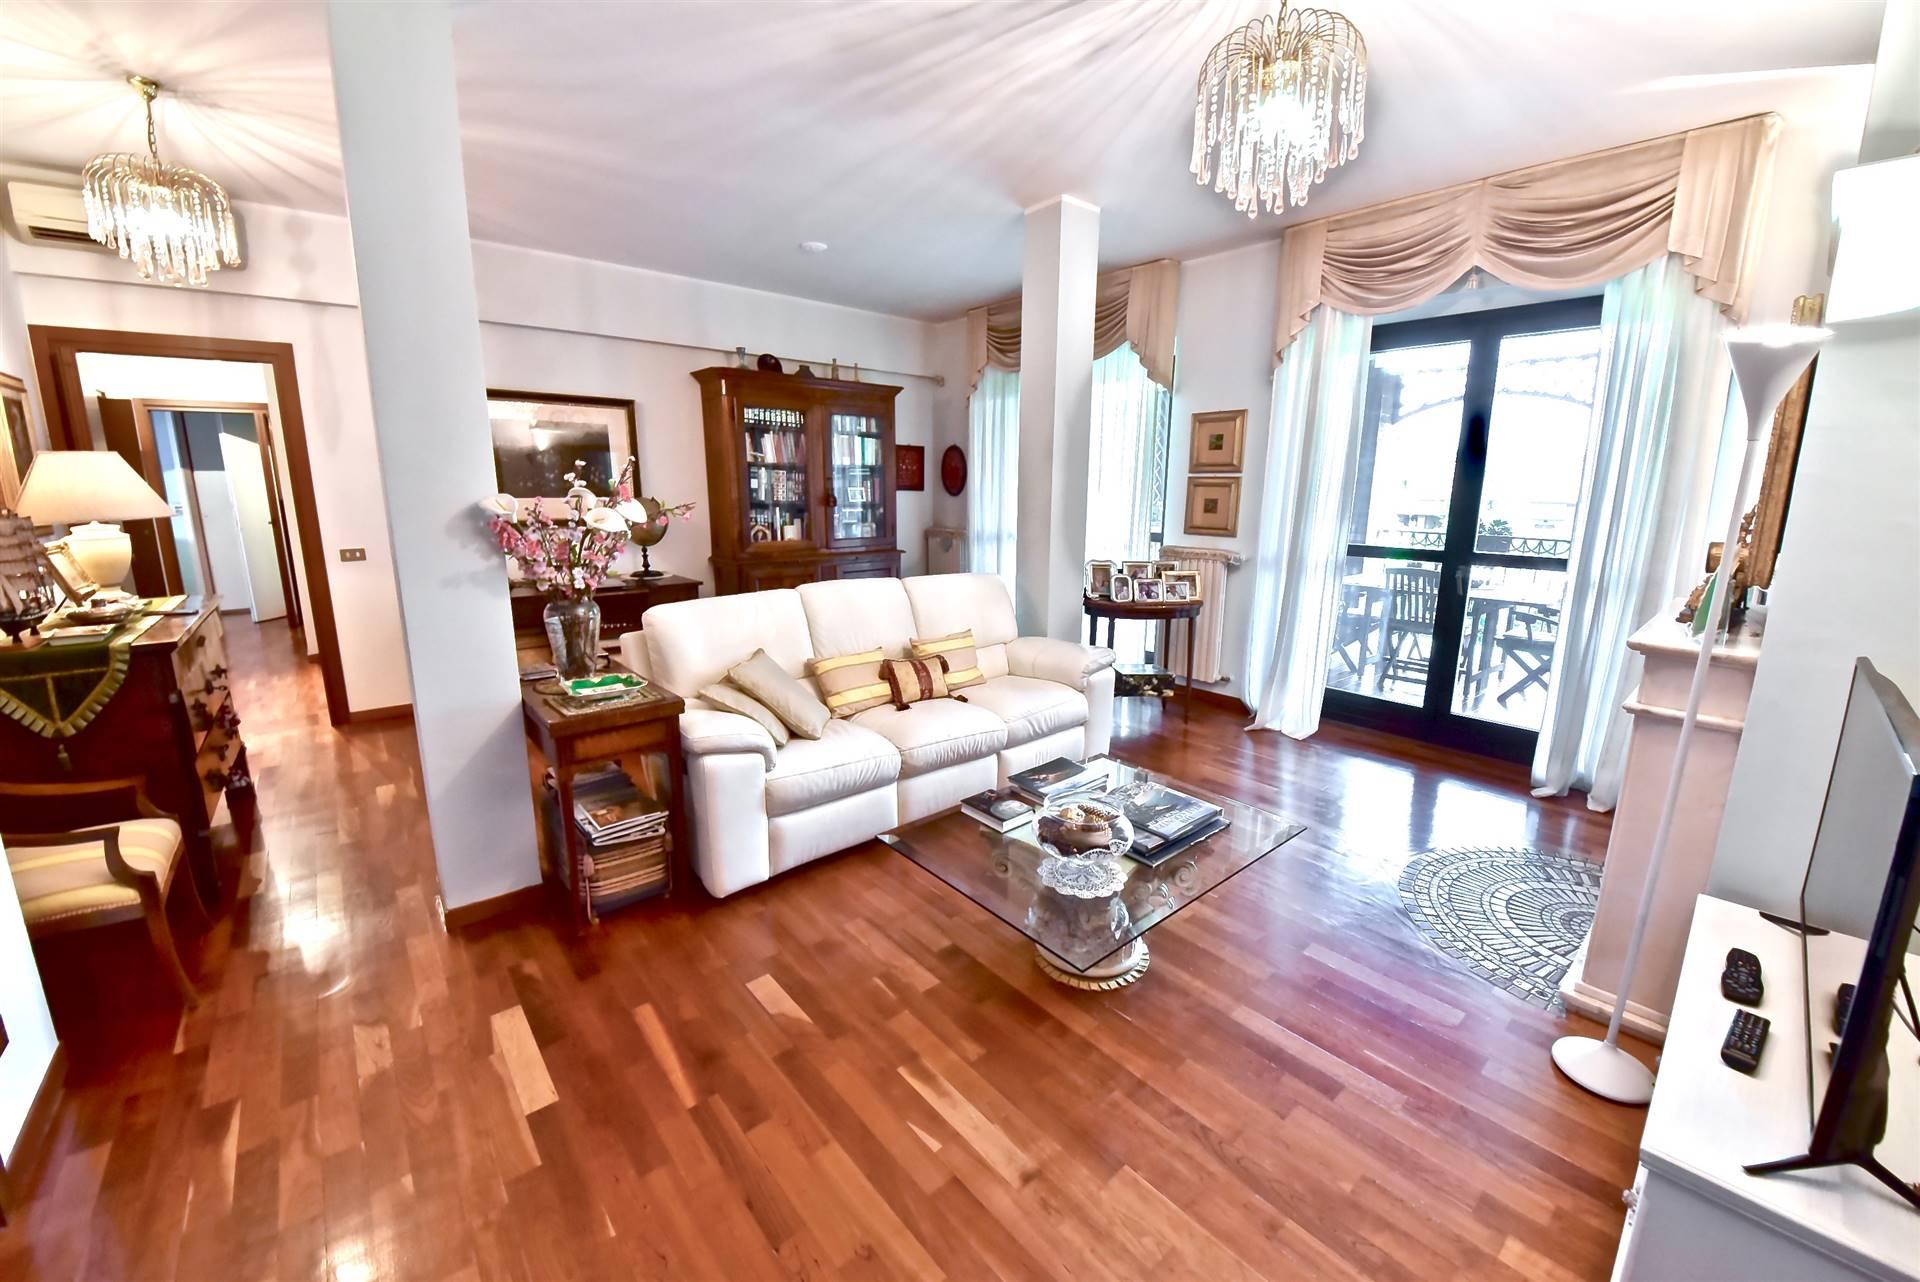 Appartamento in vendita a Peschiera Borromeo, 3 locali, zona Zona: Bellaria, prezzo € 315.000 | CambioCasa.it